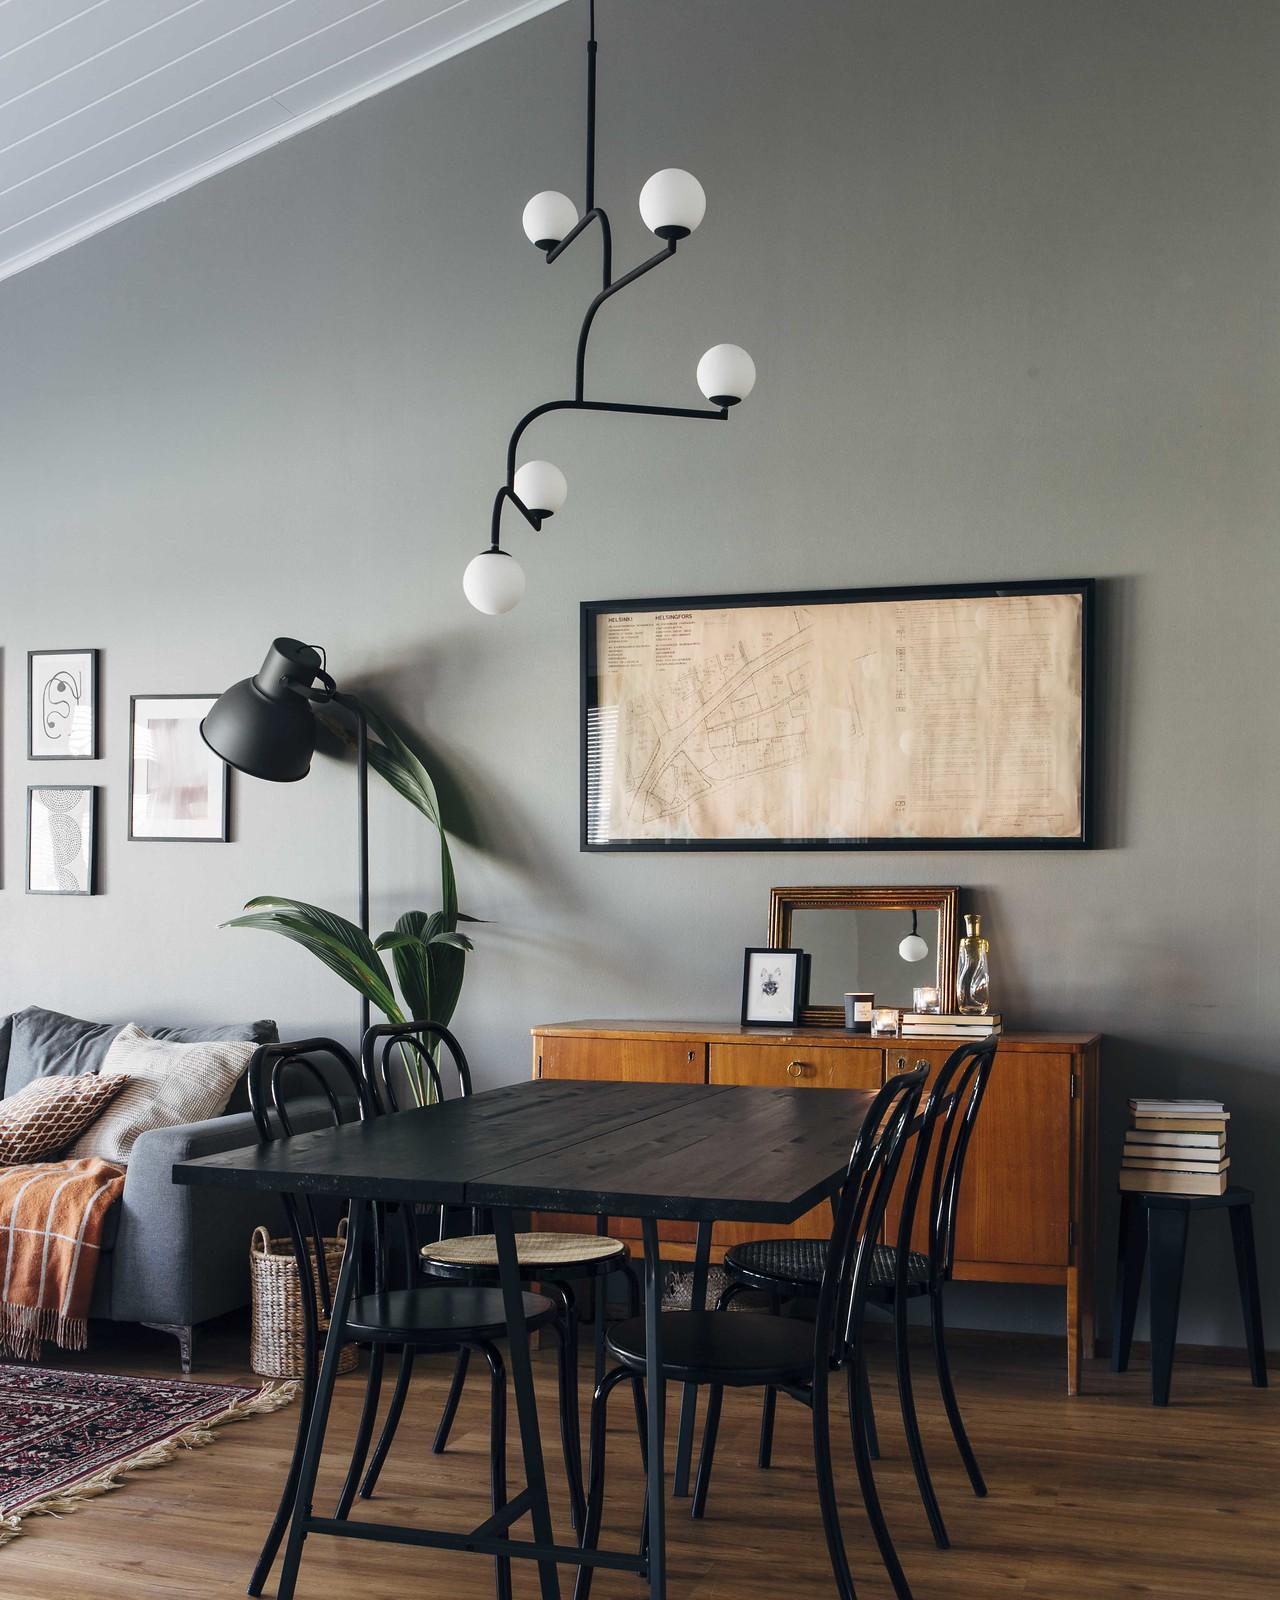 Ruokailutila, jossa musta pöytä ja mustat wieniläistyyliset tuolit. Pöydän takana on vintage senkki.